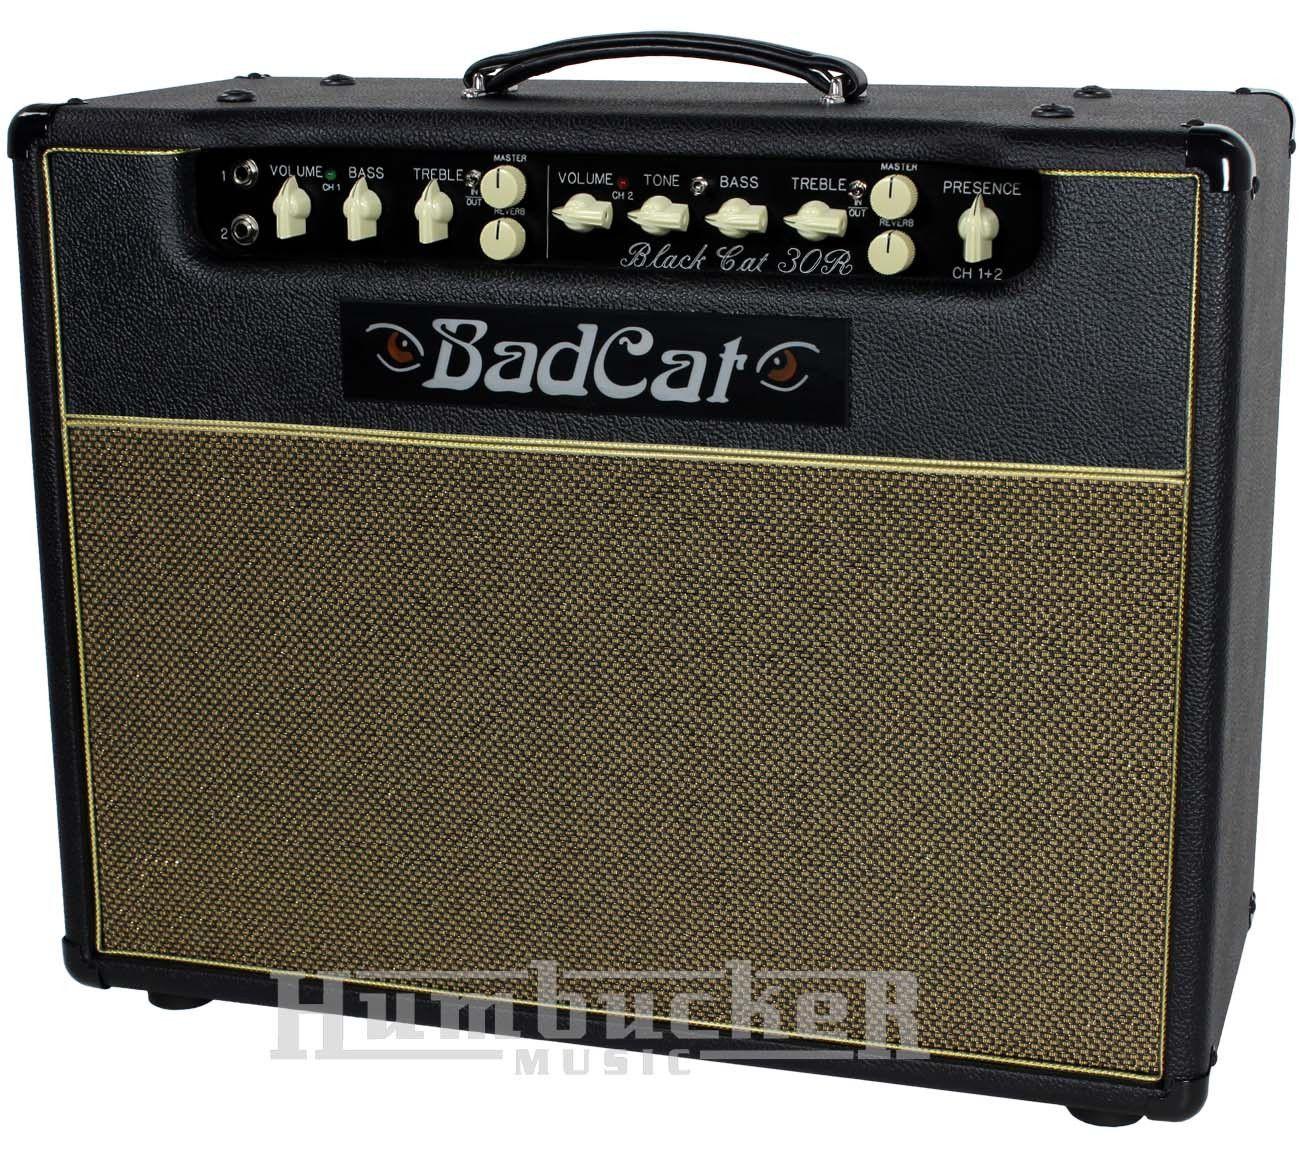 Bad Cat Black Cat 30 Reverb Combo Amp Bad cats, Bad cat